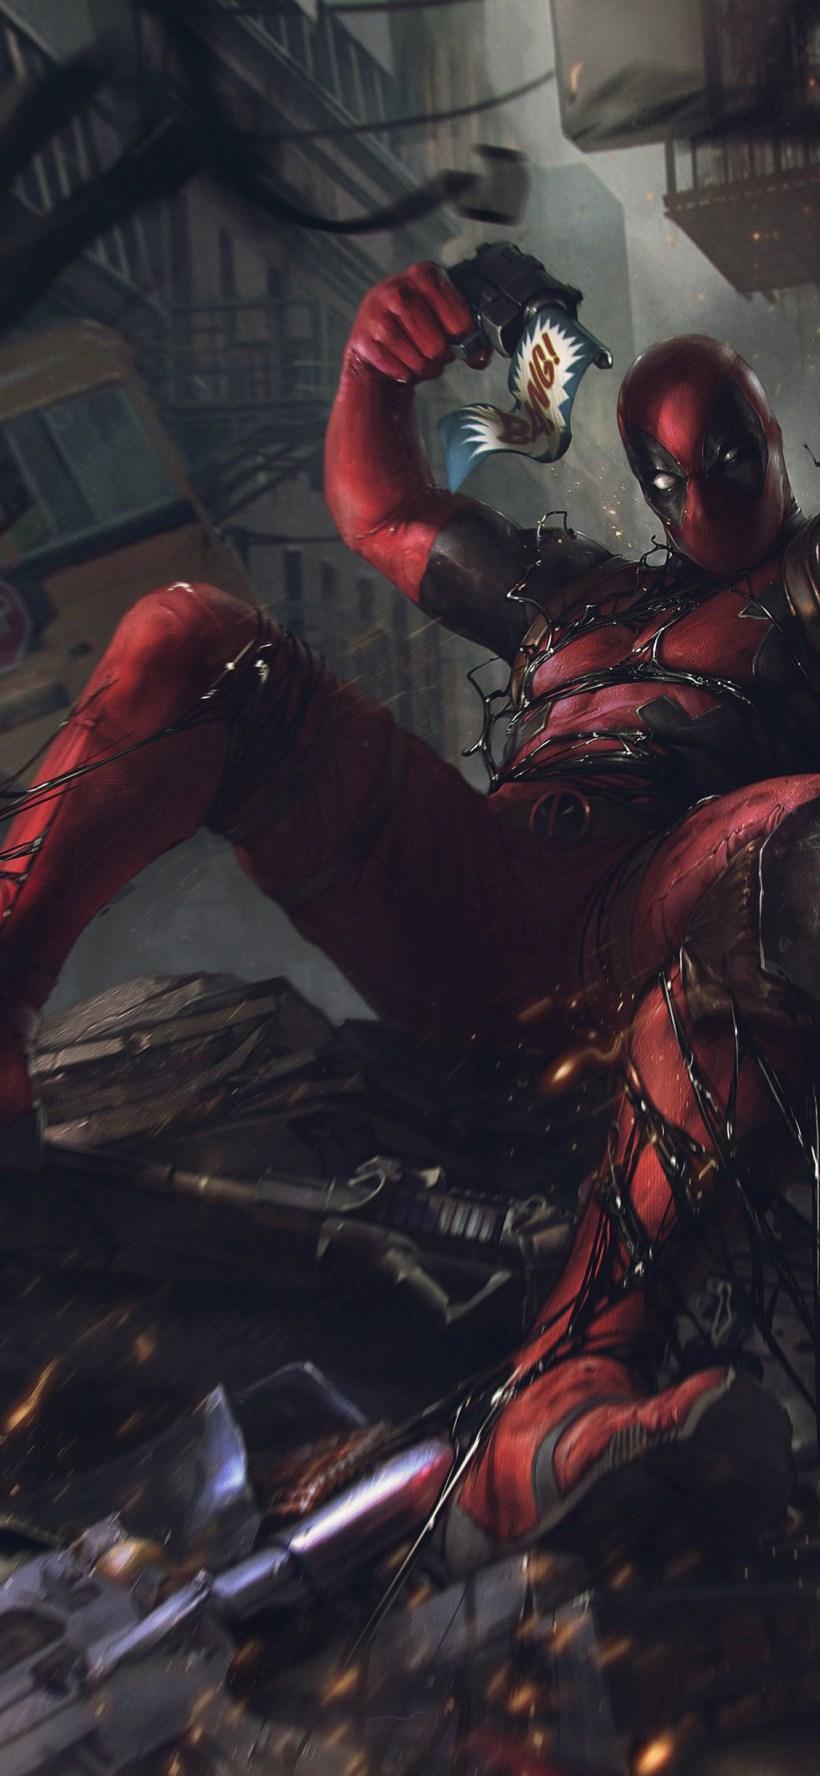 Deadpool Wallpaper 4k Best Hd Wallpaper